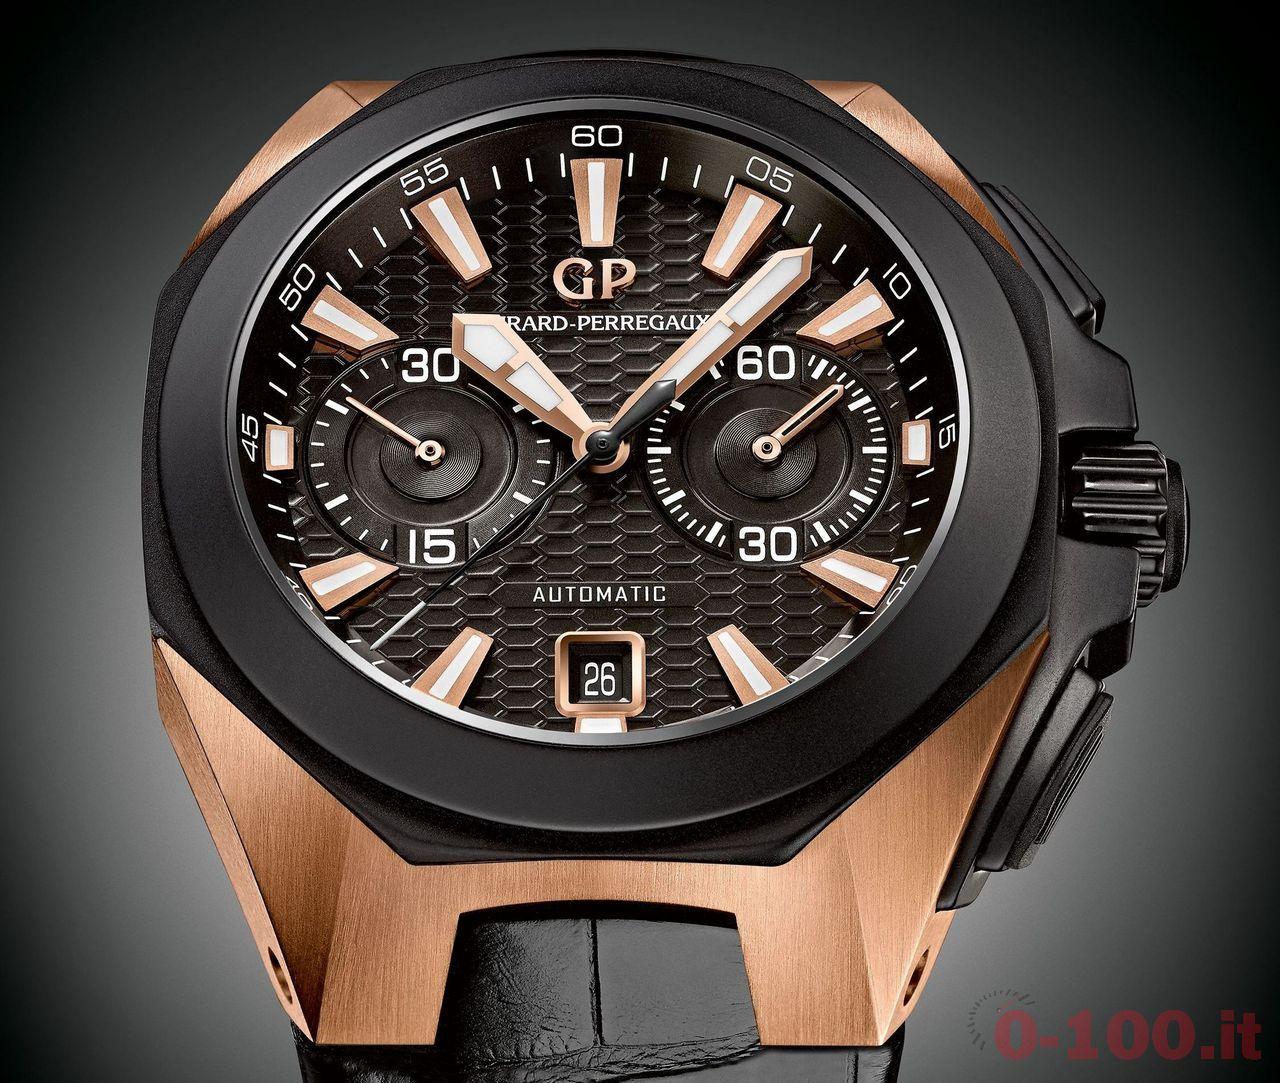 girard-perregaux-chrono-hawk-oro-rosa-ref-49970-34-633-bb6b-prezzo-price_0-1002